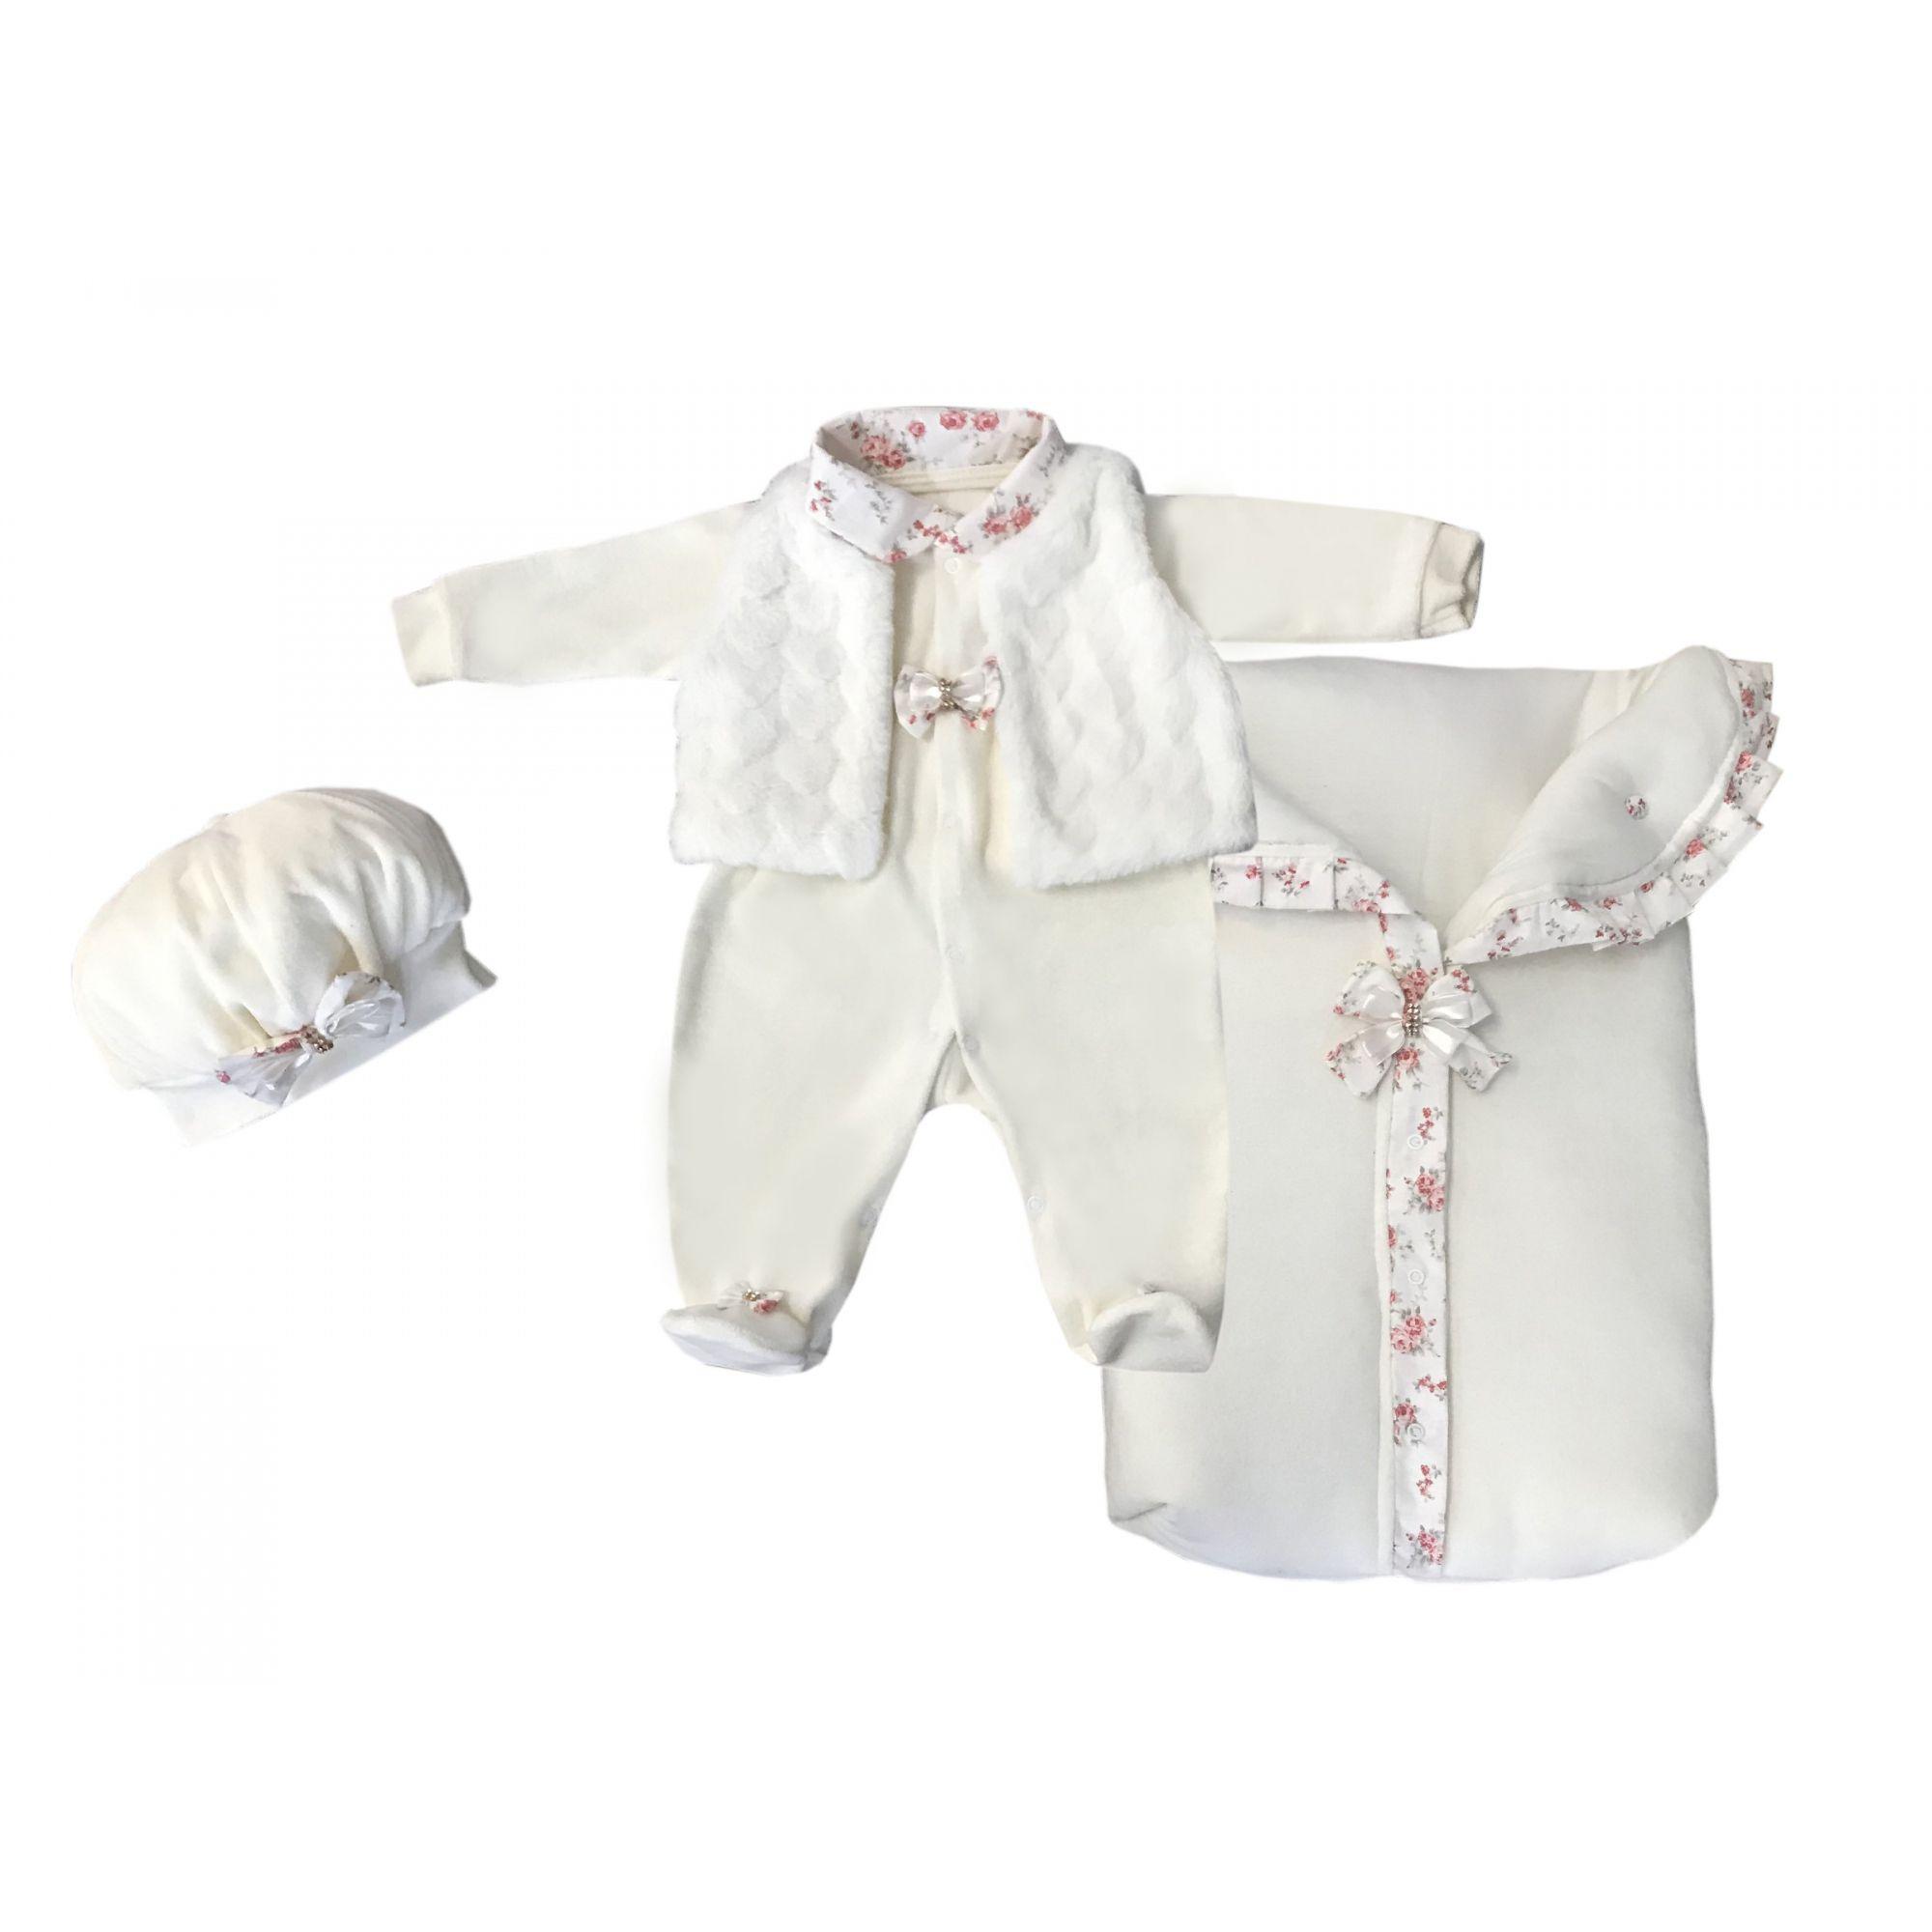 Saída Maternidade Palha Floral 03 Peças  - Toca do Bebê